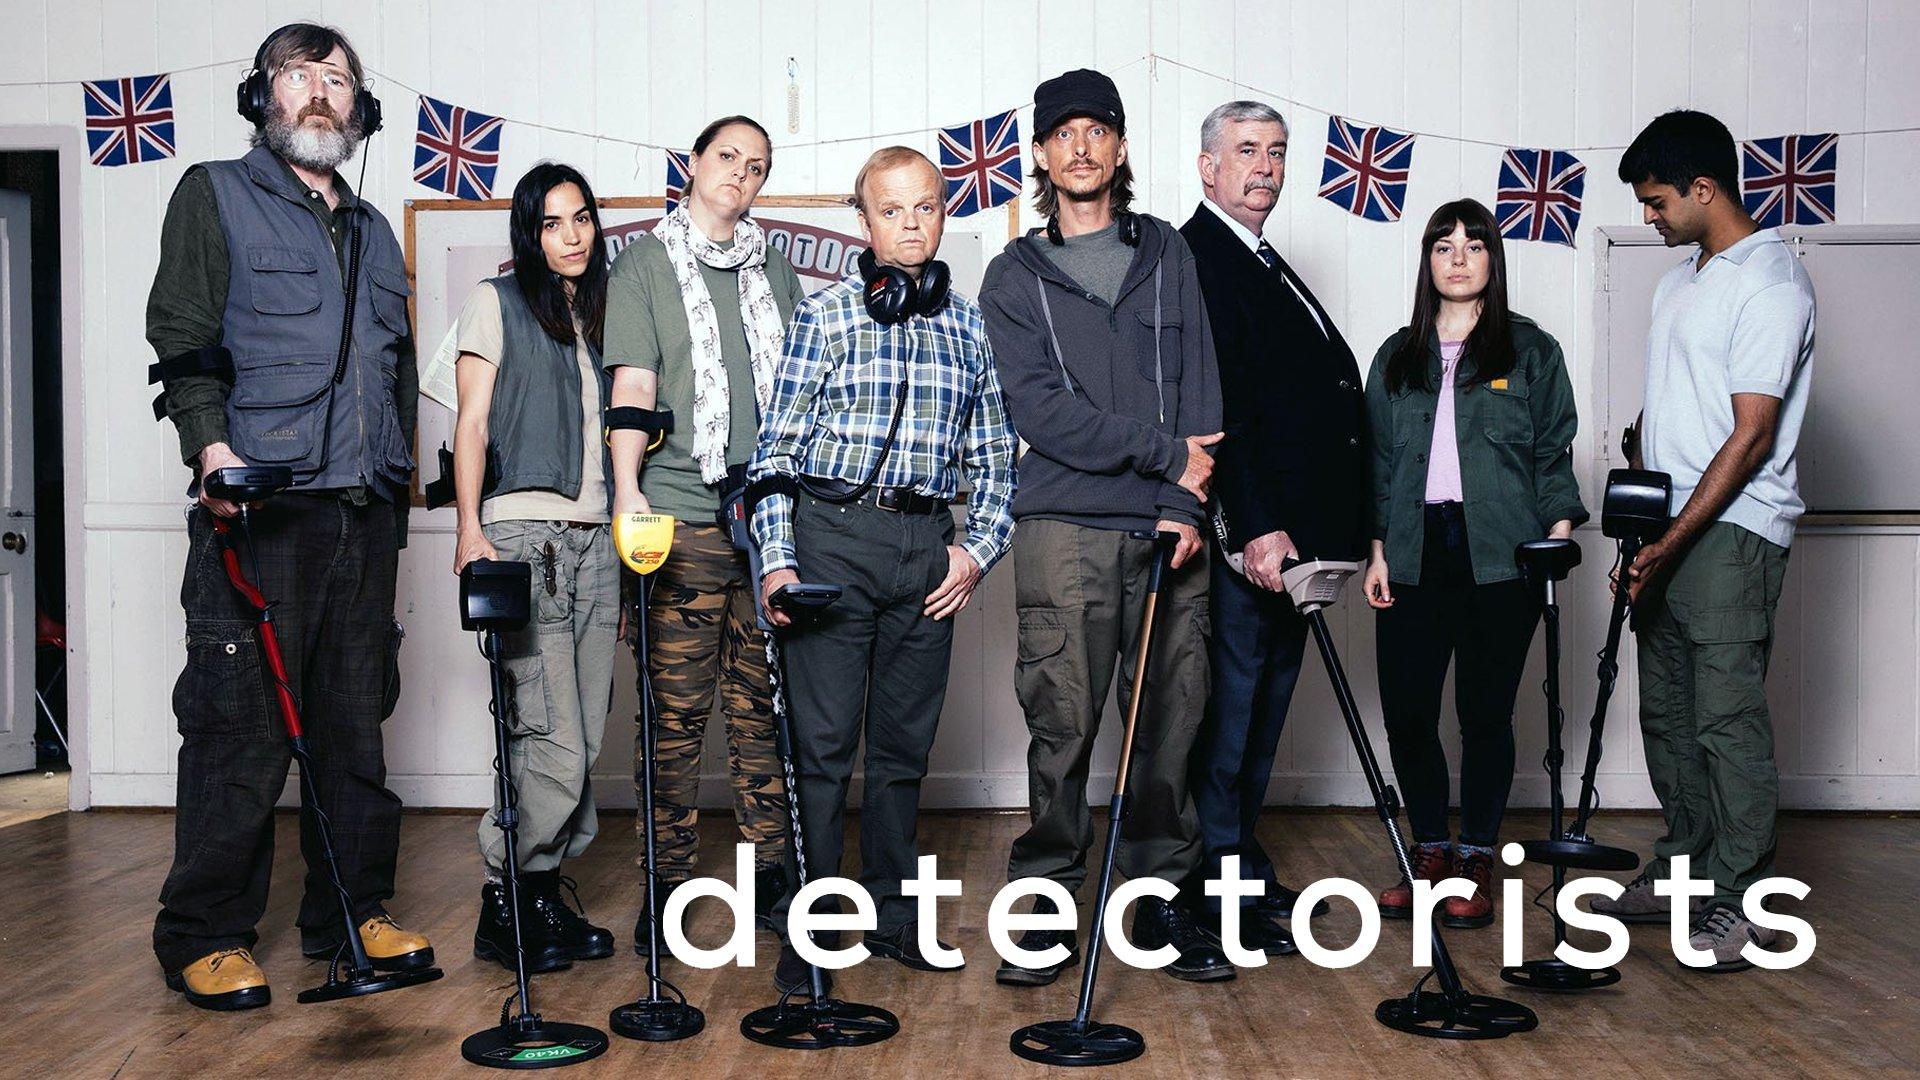 Detectorists: Series 2, Episode 4